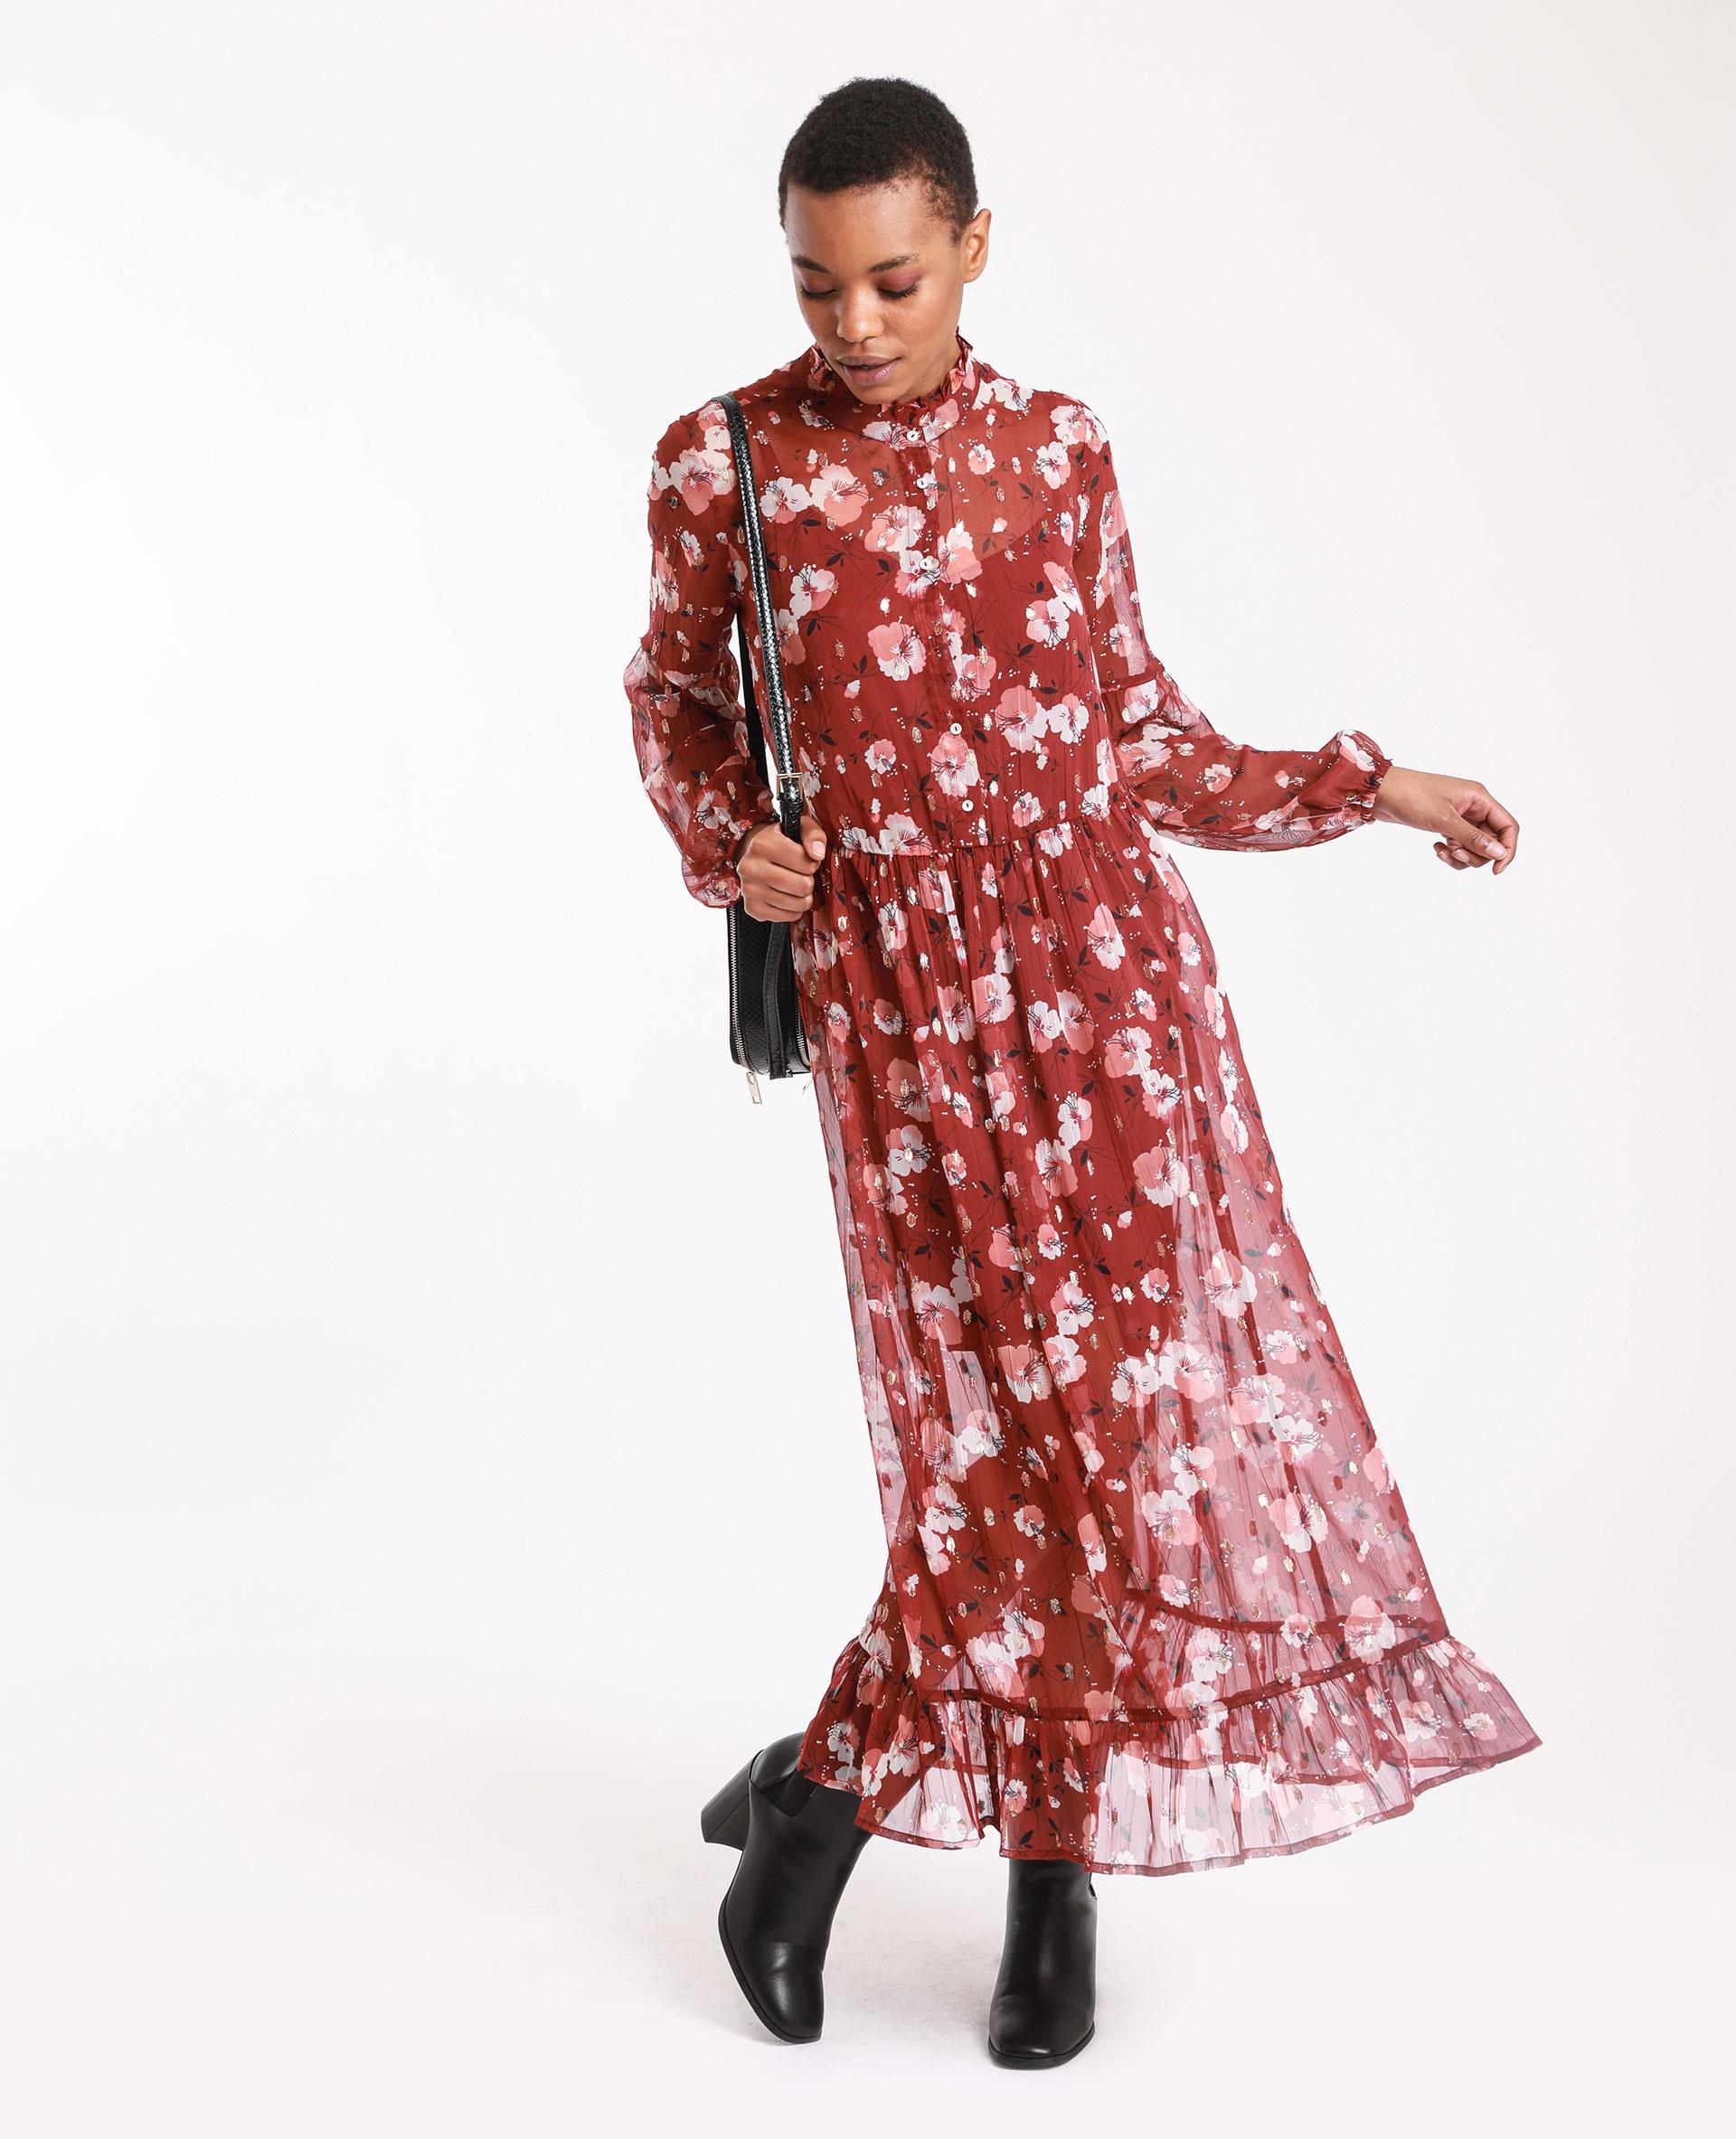 Langes Kleid Mit Blumen Rosa  781377225E0A  Pimkie